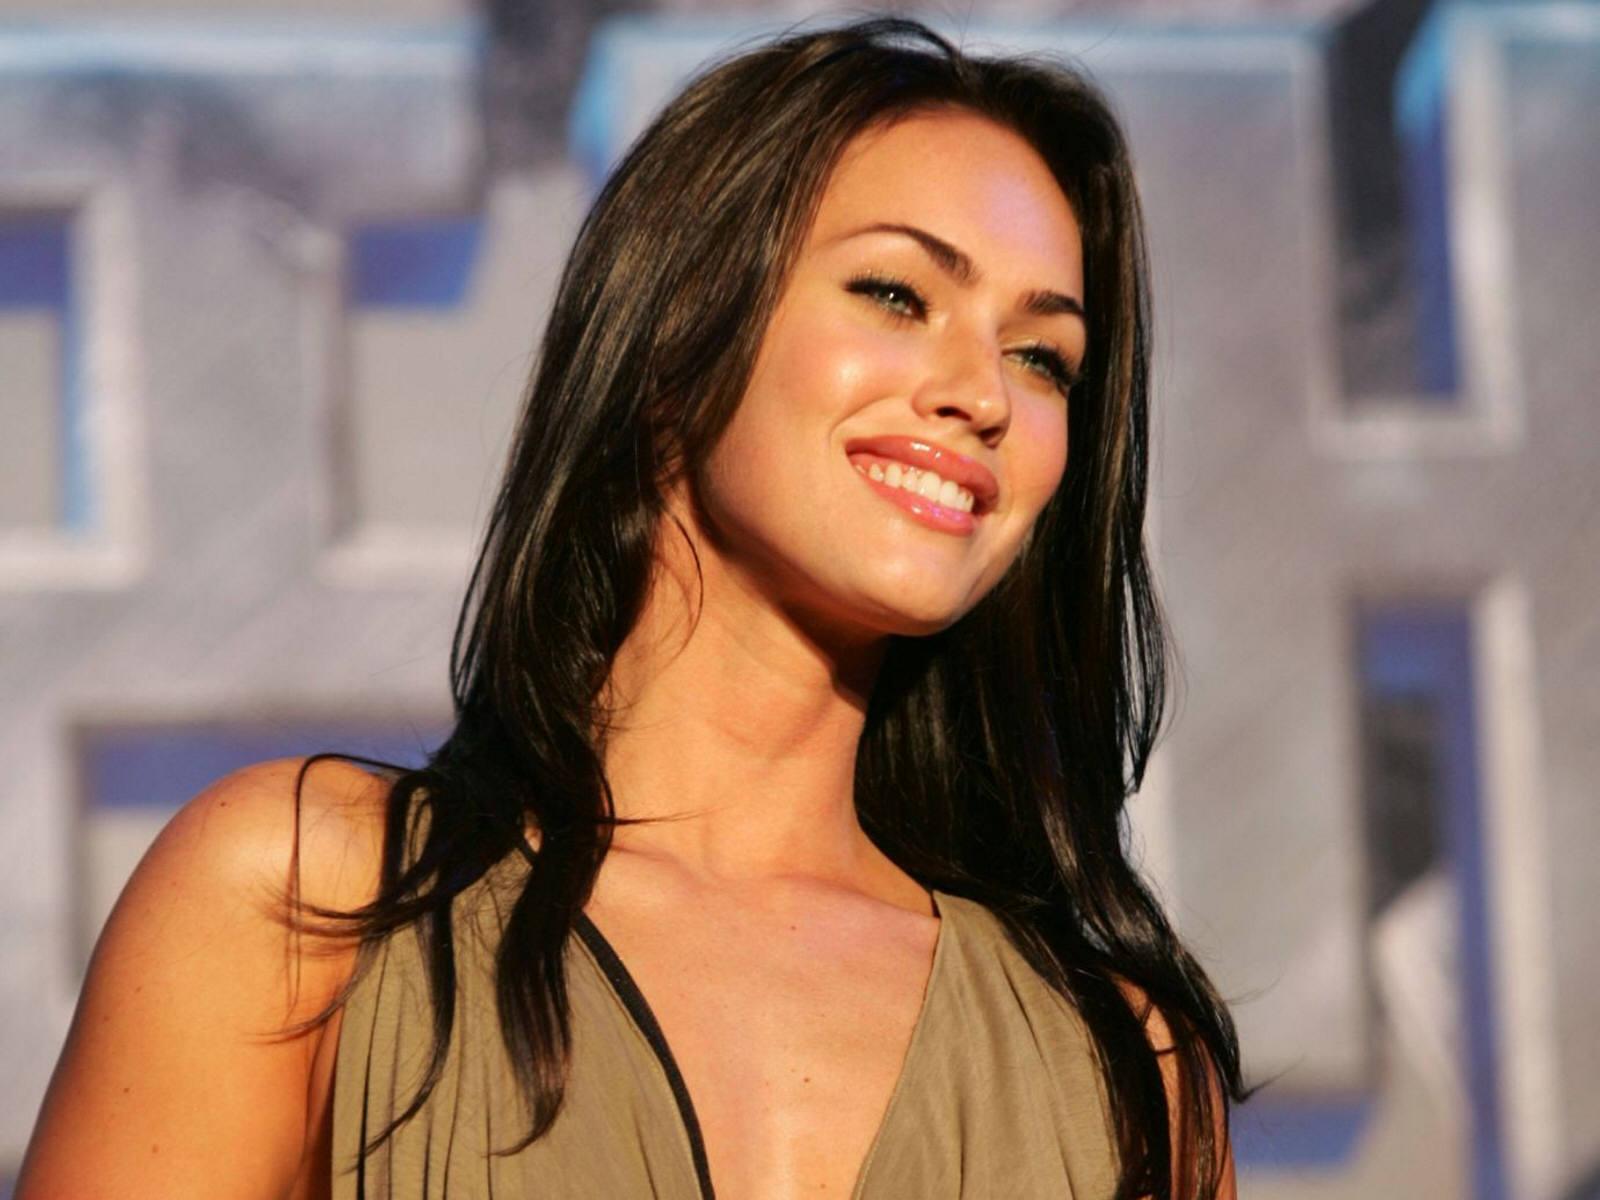 http://1.bp.blogspot.com/_Si7zjQmZnm4/SWND1HnfoPI/AAAAAAAAAkI/bQWc5rpOvGY/s1600/Fullwalls.blogspot_Megan_Fox(3).jpg